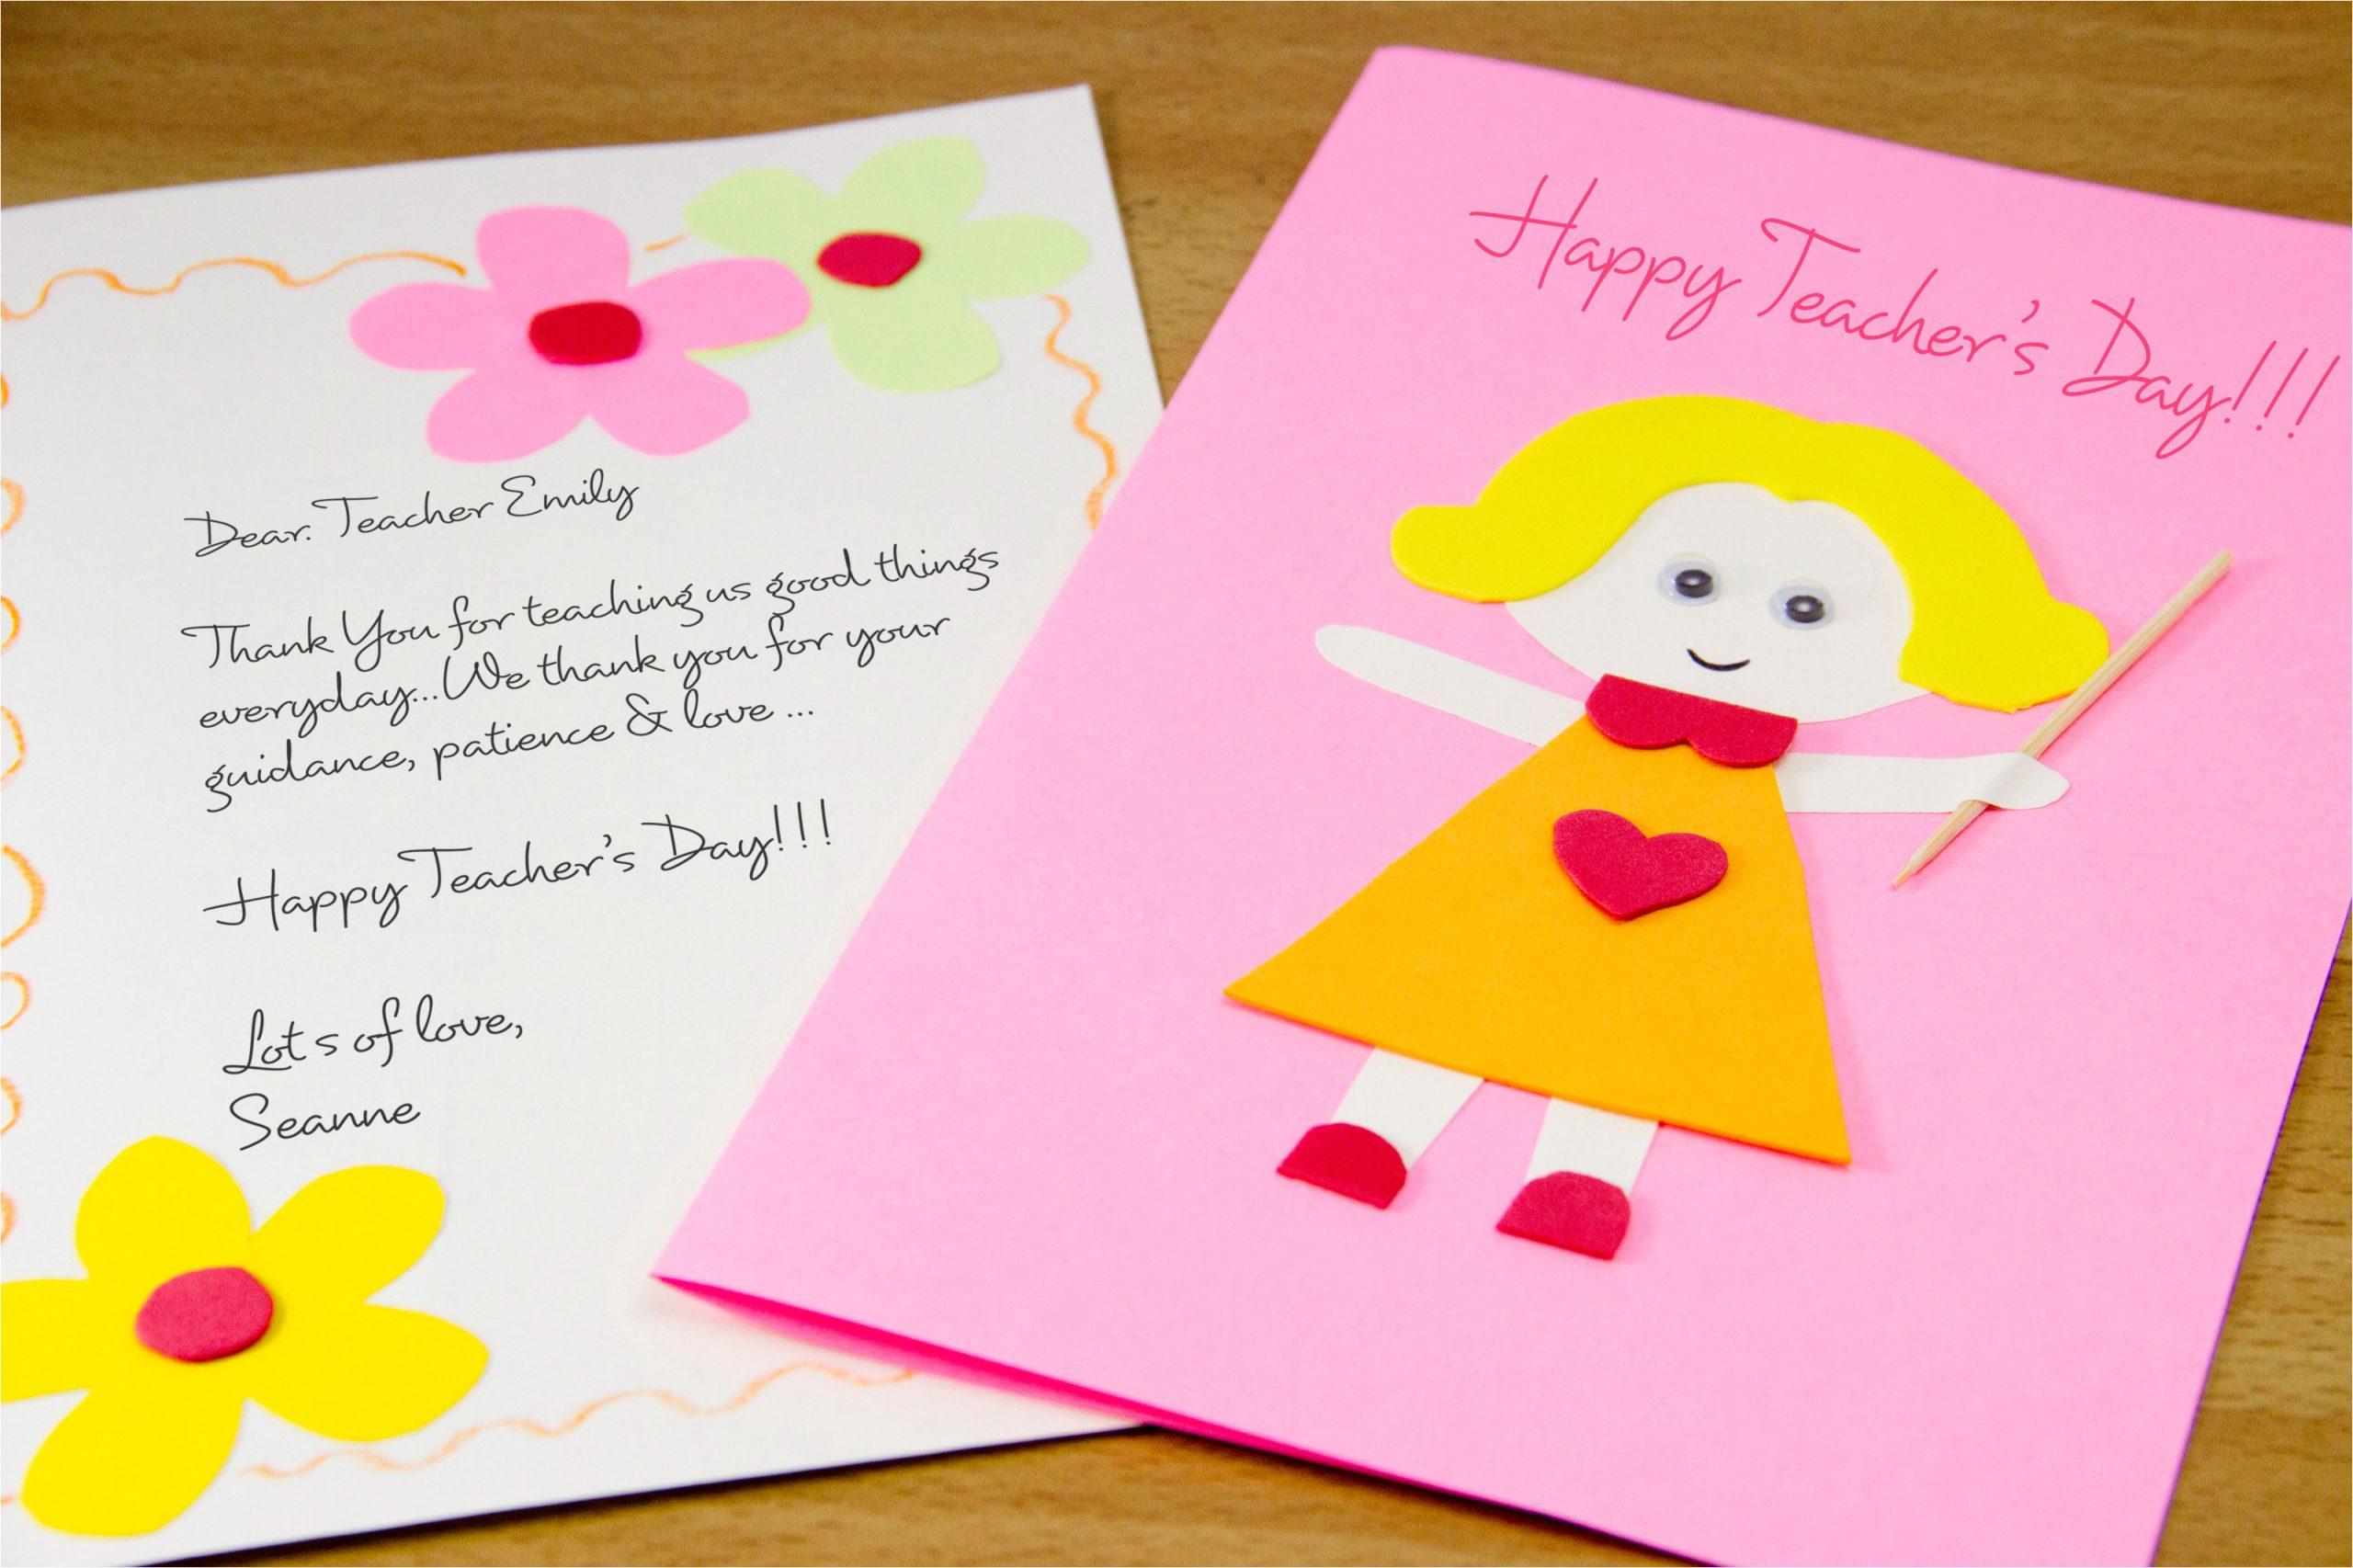 Make a Homemade Teacher's Day Card